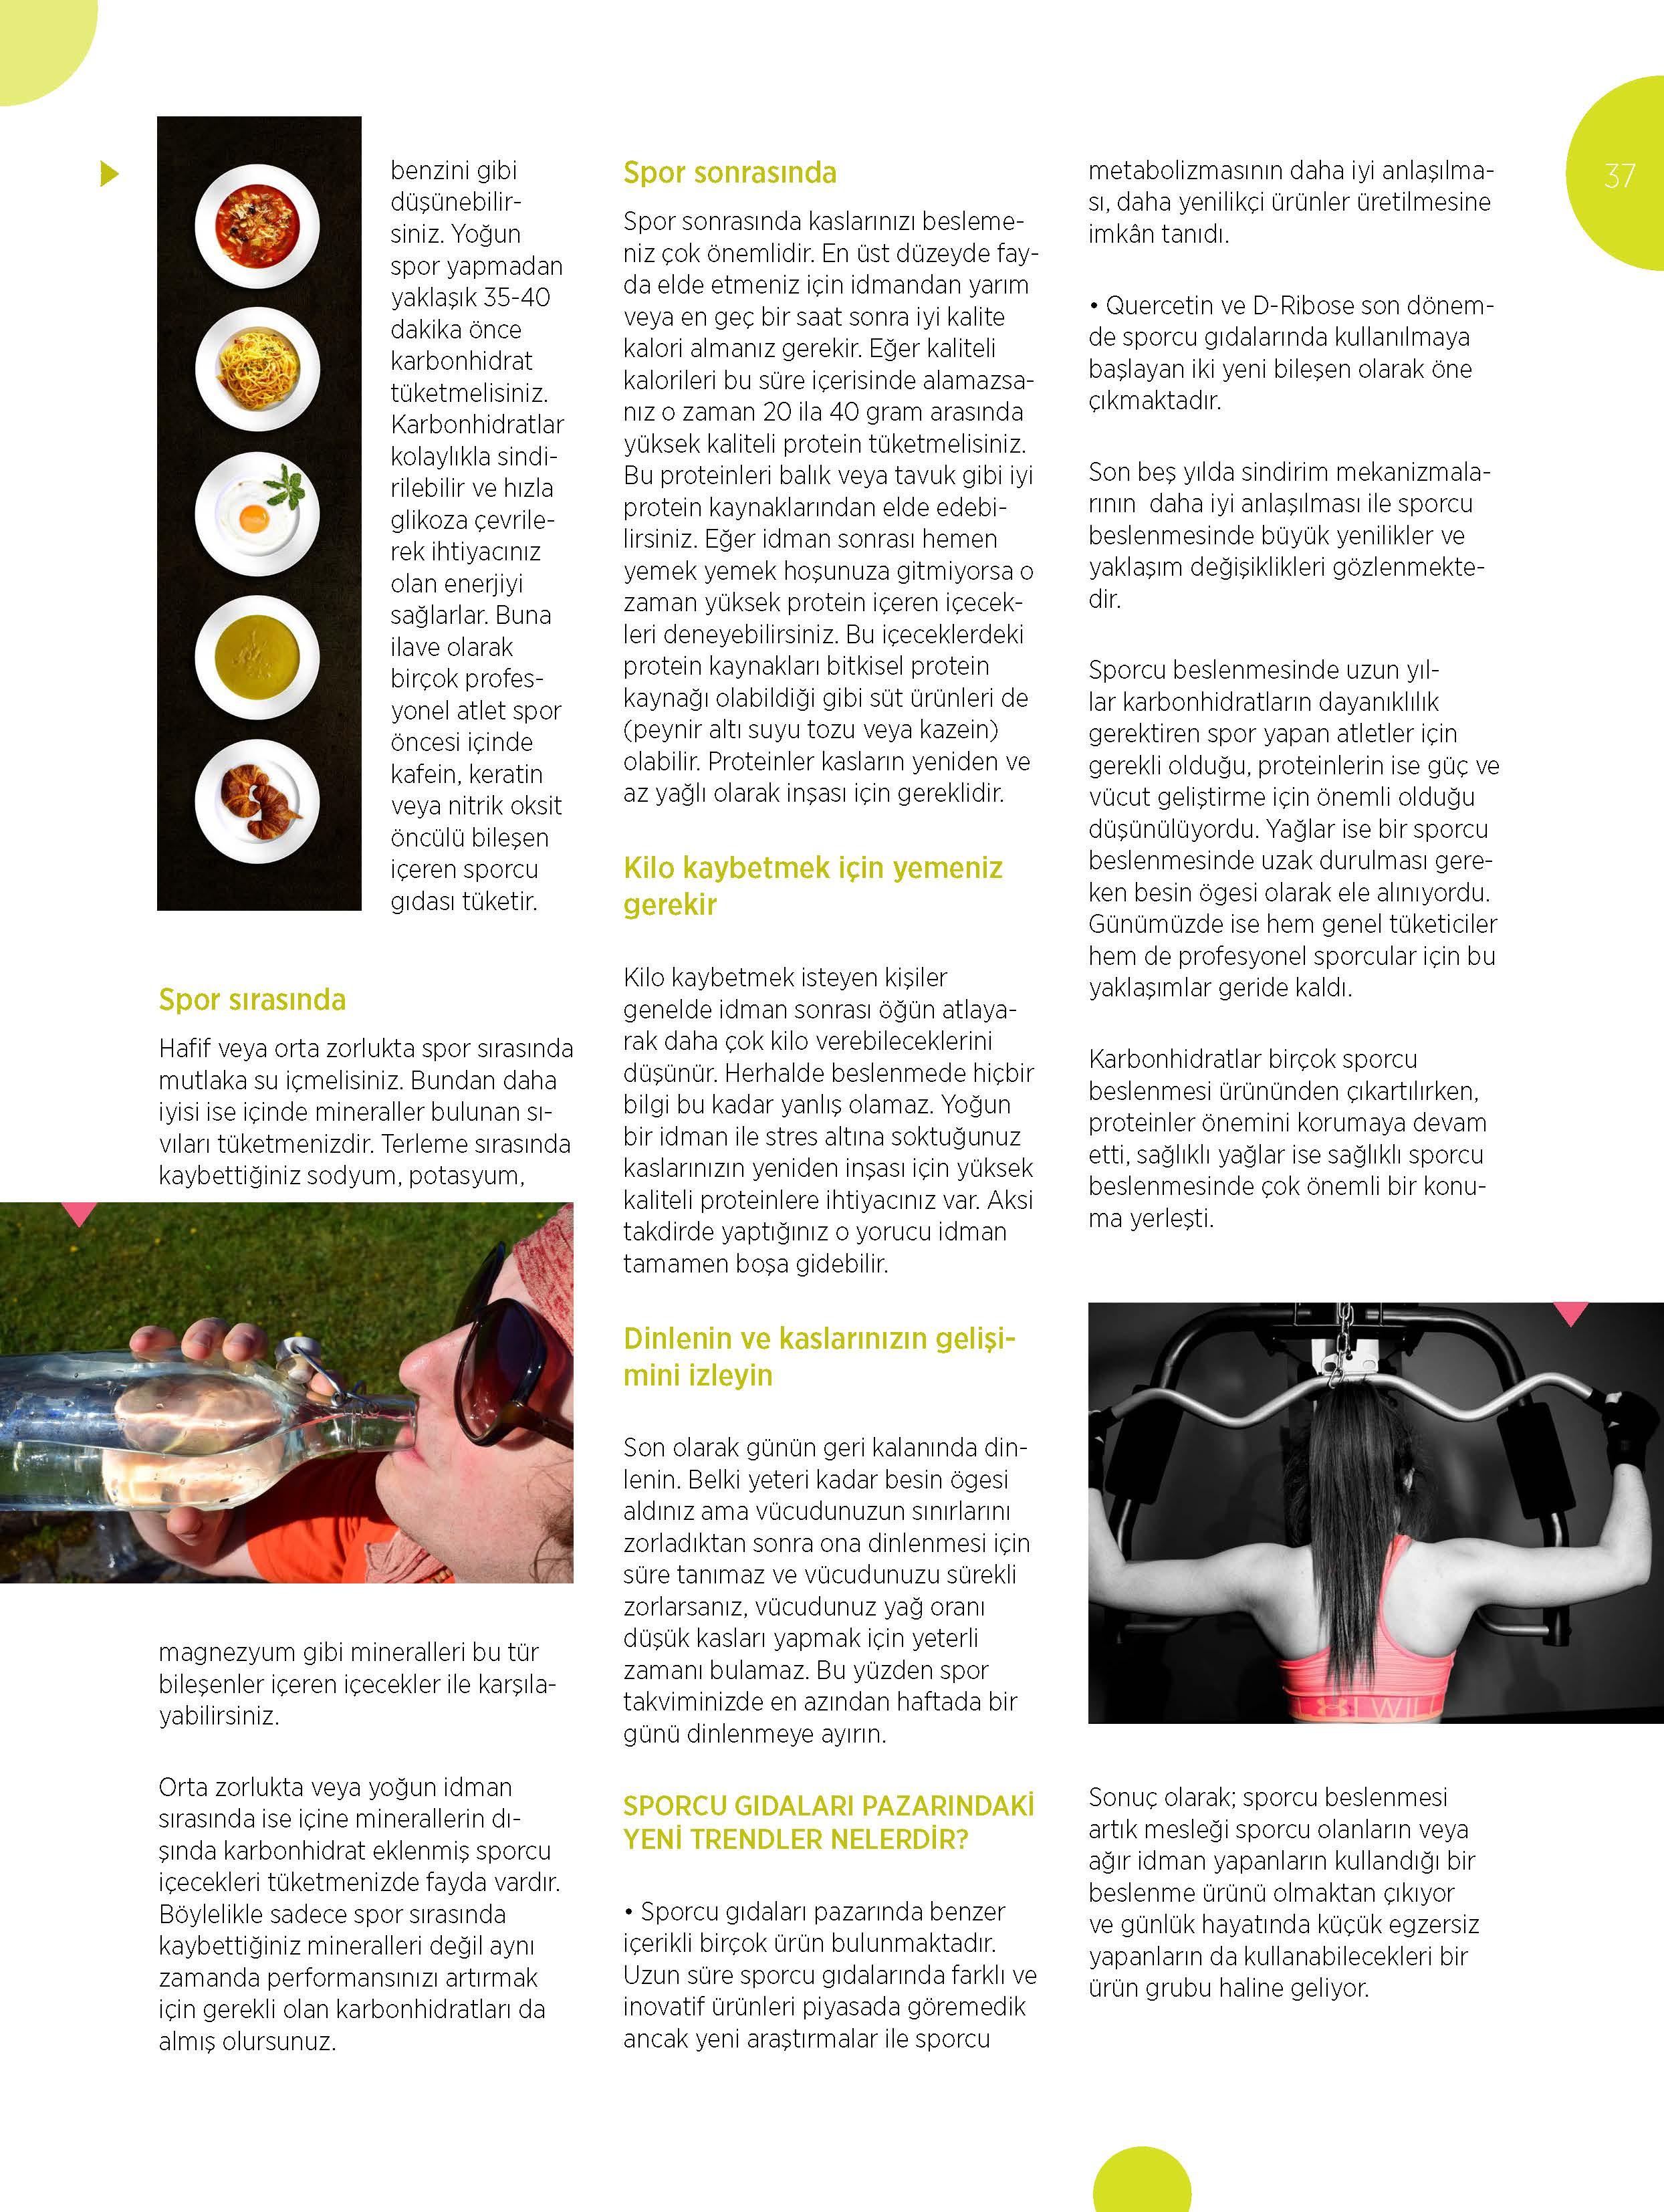 sayfa 37